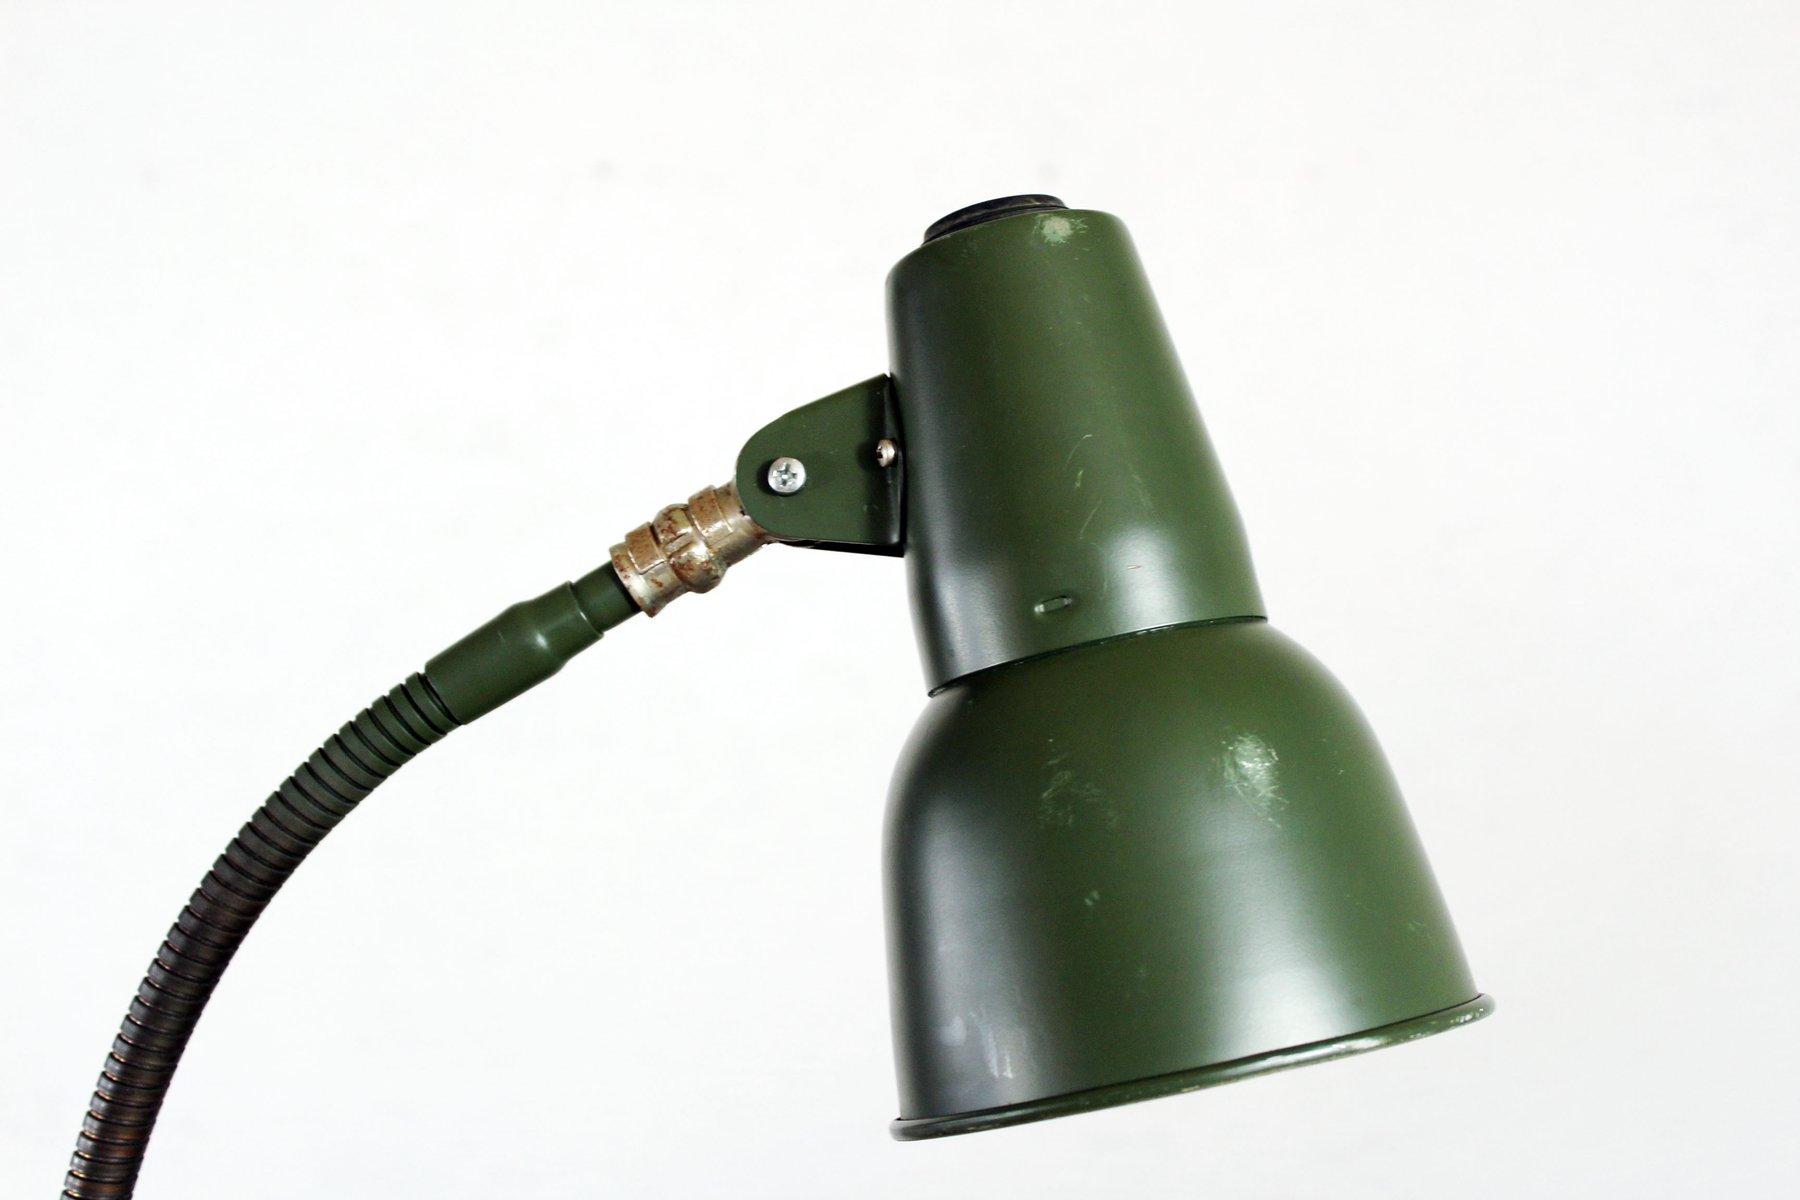 Lampada da tavolo vintage verde di sis in vendita su pamono for Lampada da tavolo verde